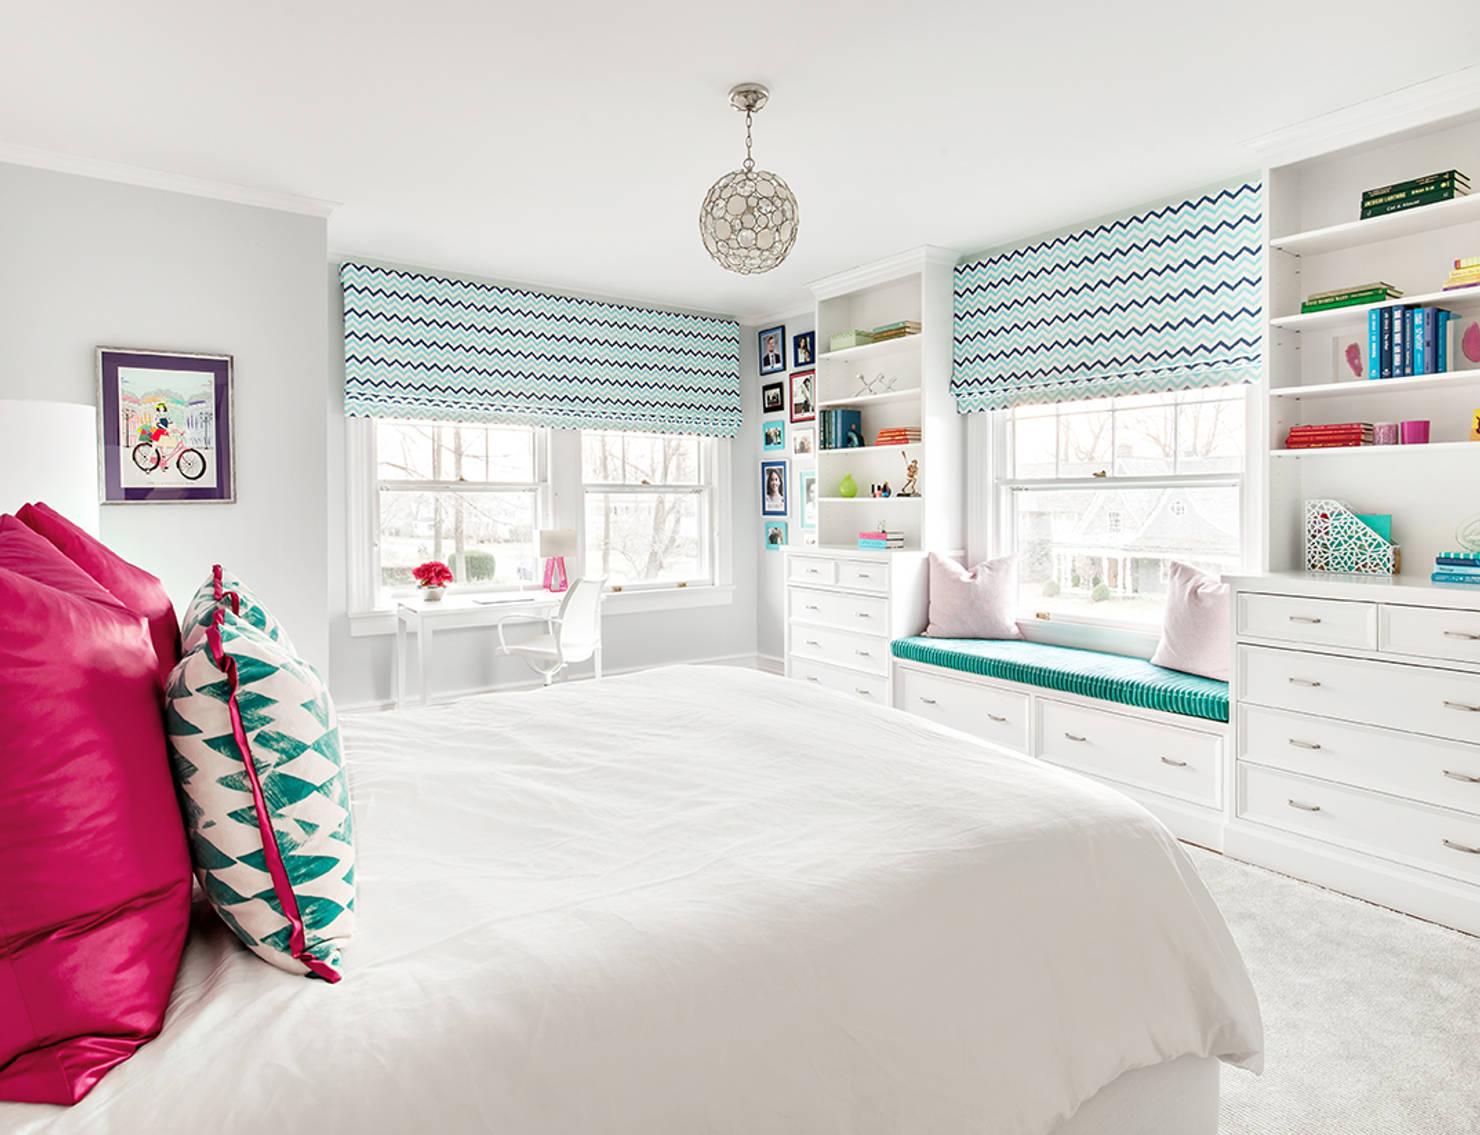 24 proyectos de dormitorios que te inspirarán a cambiar el tuyo